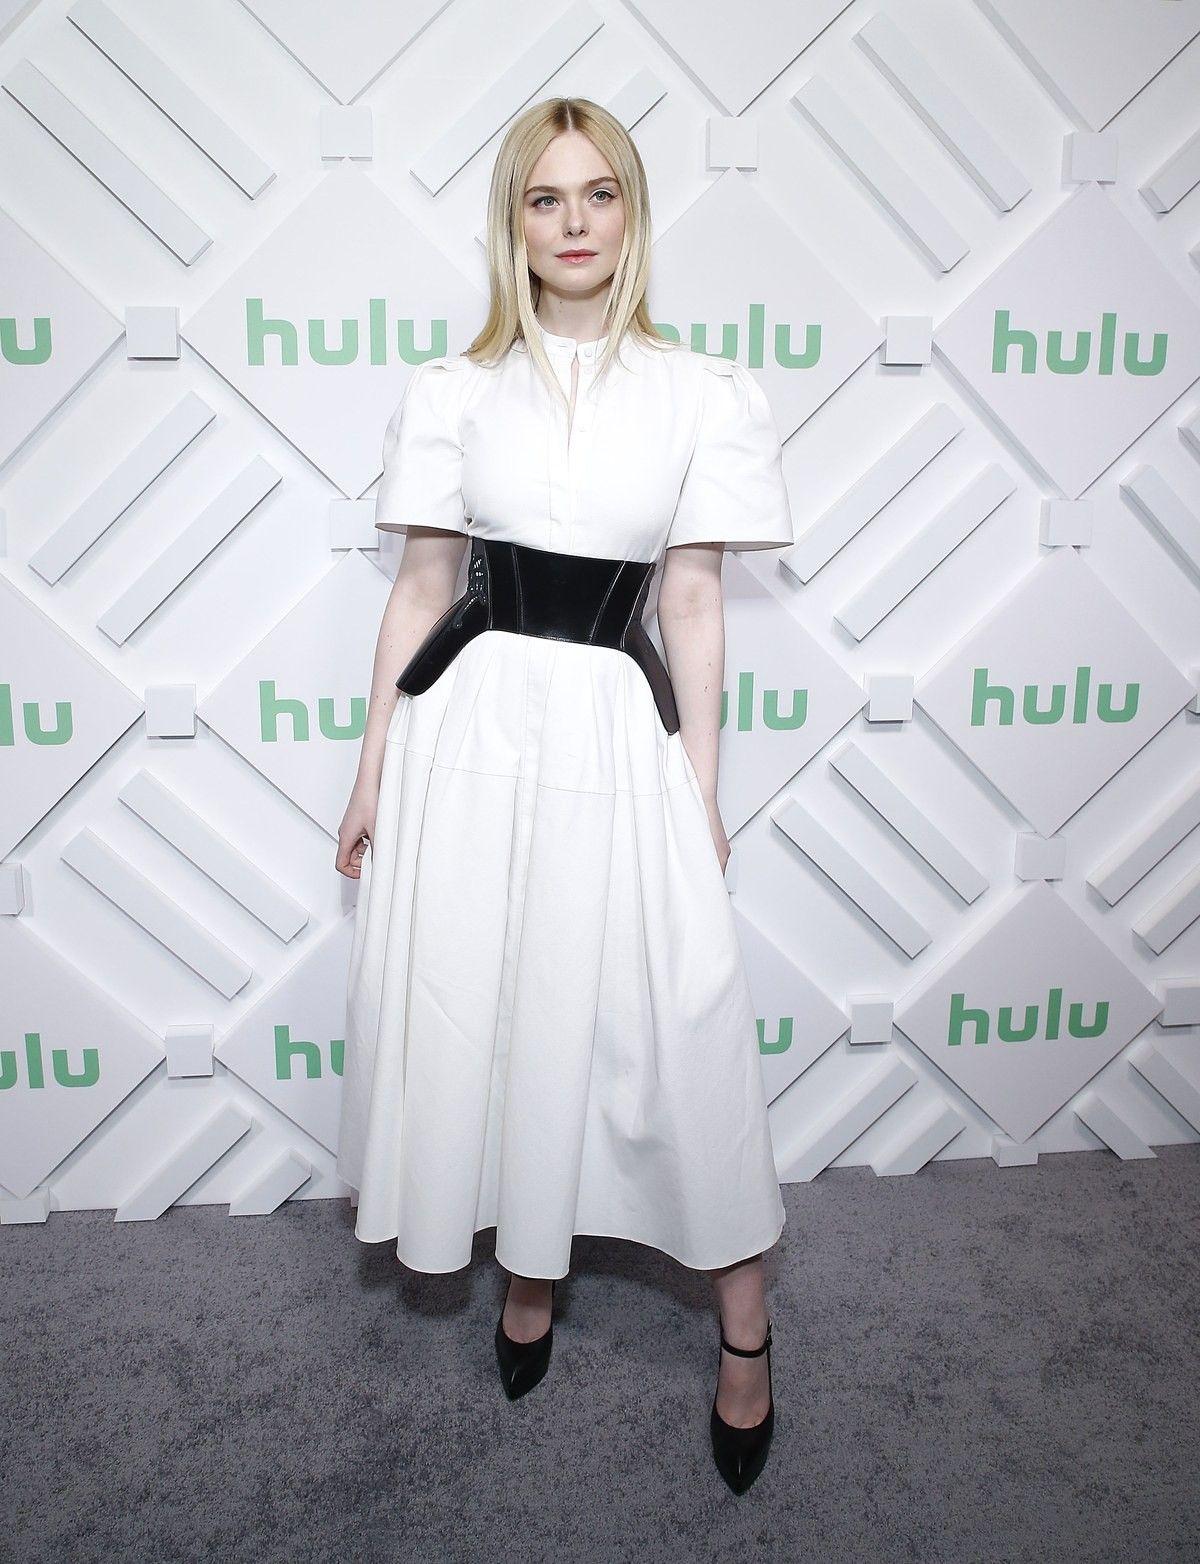 elle fanning mặc đai corset ngoài đầm trắng dài